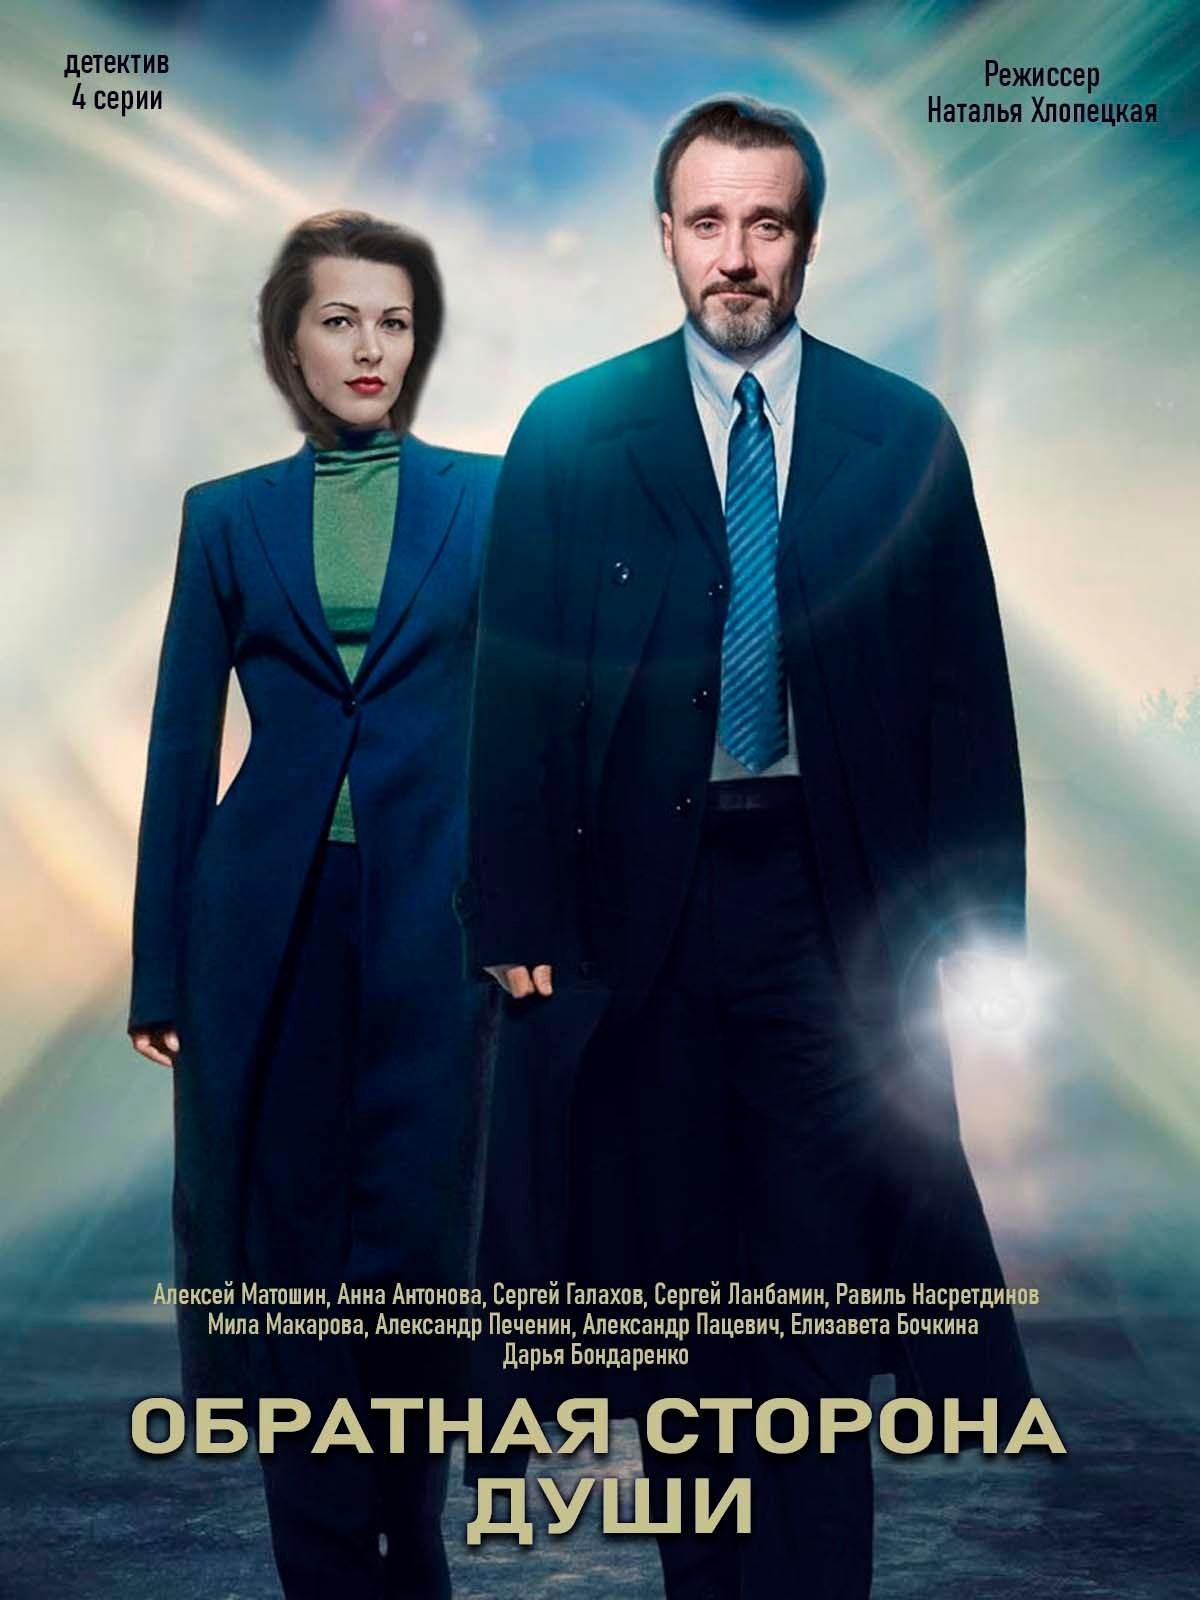 Детектив «Oбpaтнaя cтopoнa дyши» (2020) 1-4 серия из 4 HD